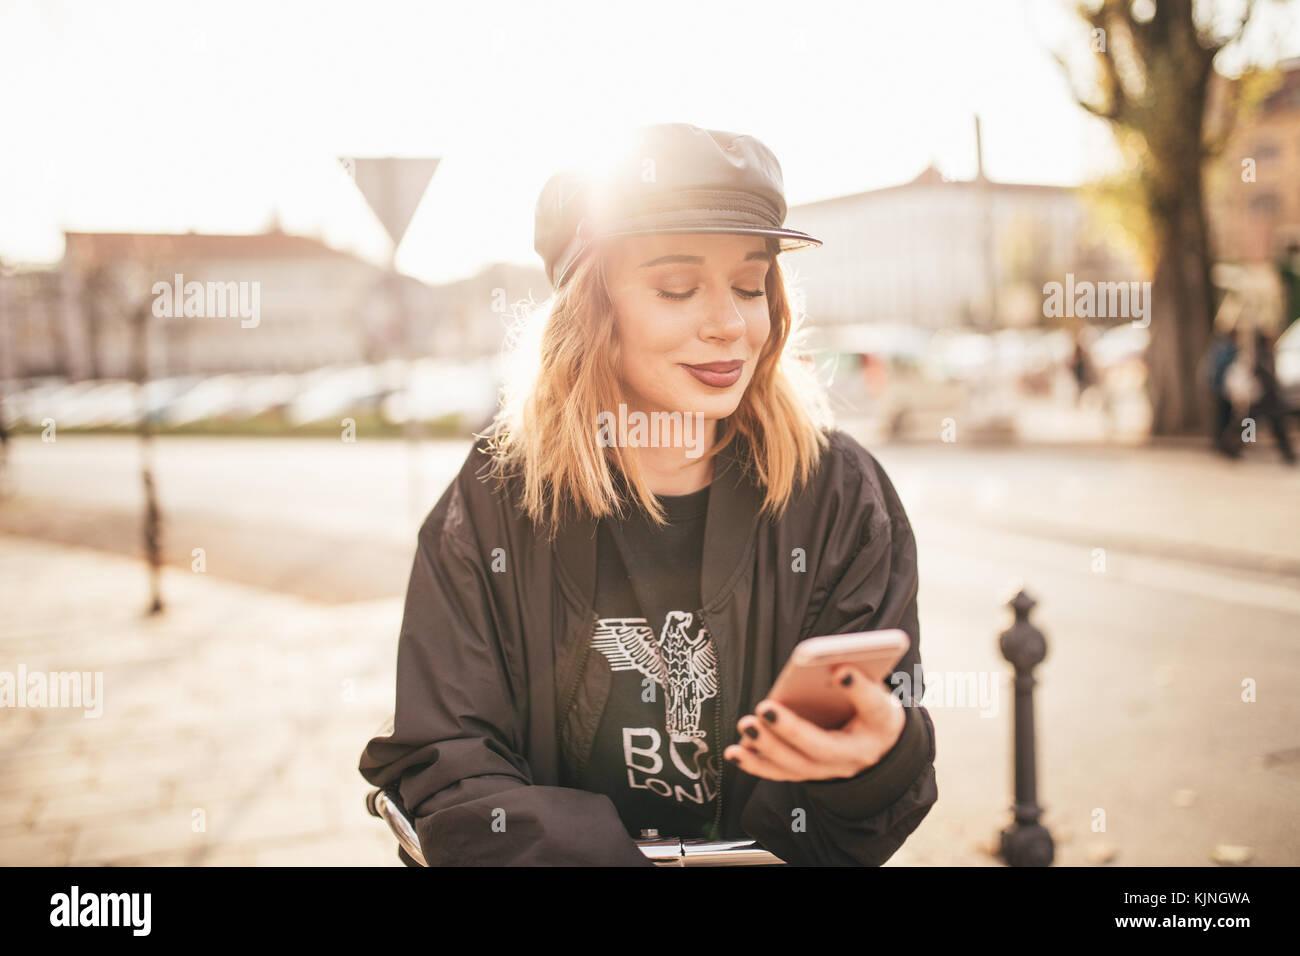 Schöne Mädchen, Textnachrichten auf Ihr Mobiltelefon auf den Straßen der Stadt Stockbild